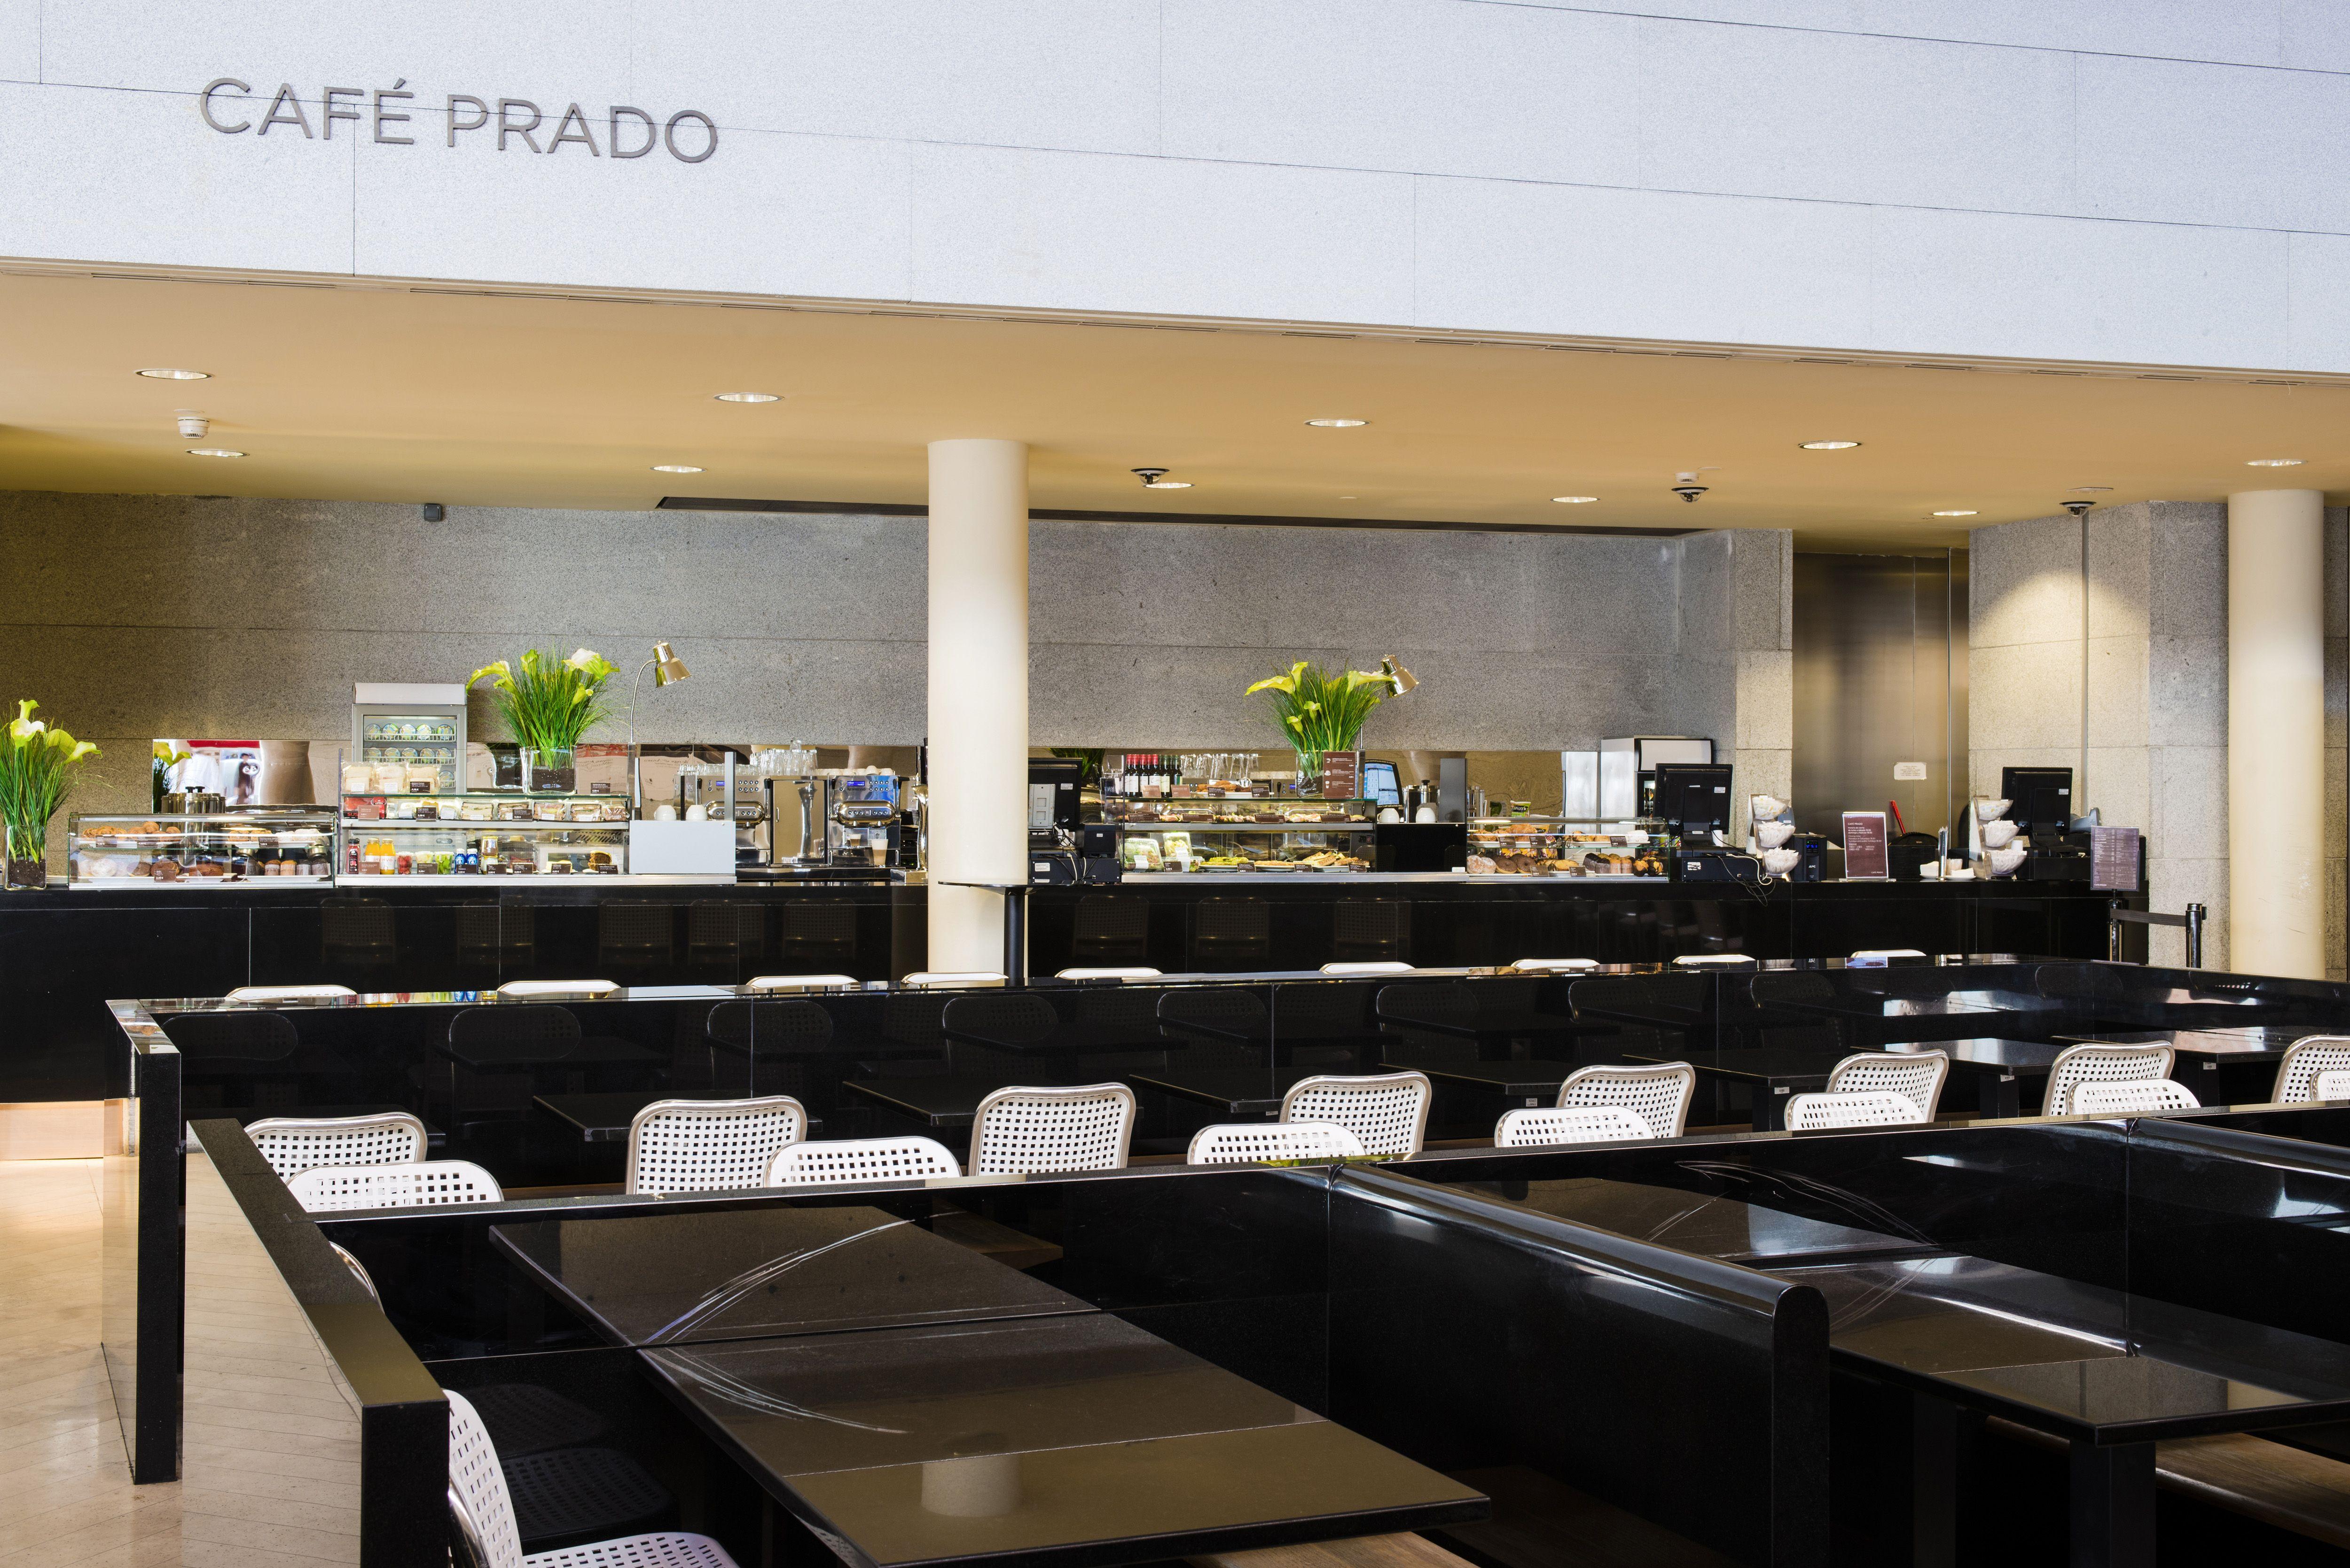 Restaurante museo del prado museo del prado pinterest for Restaurante calle prado 15 madrid